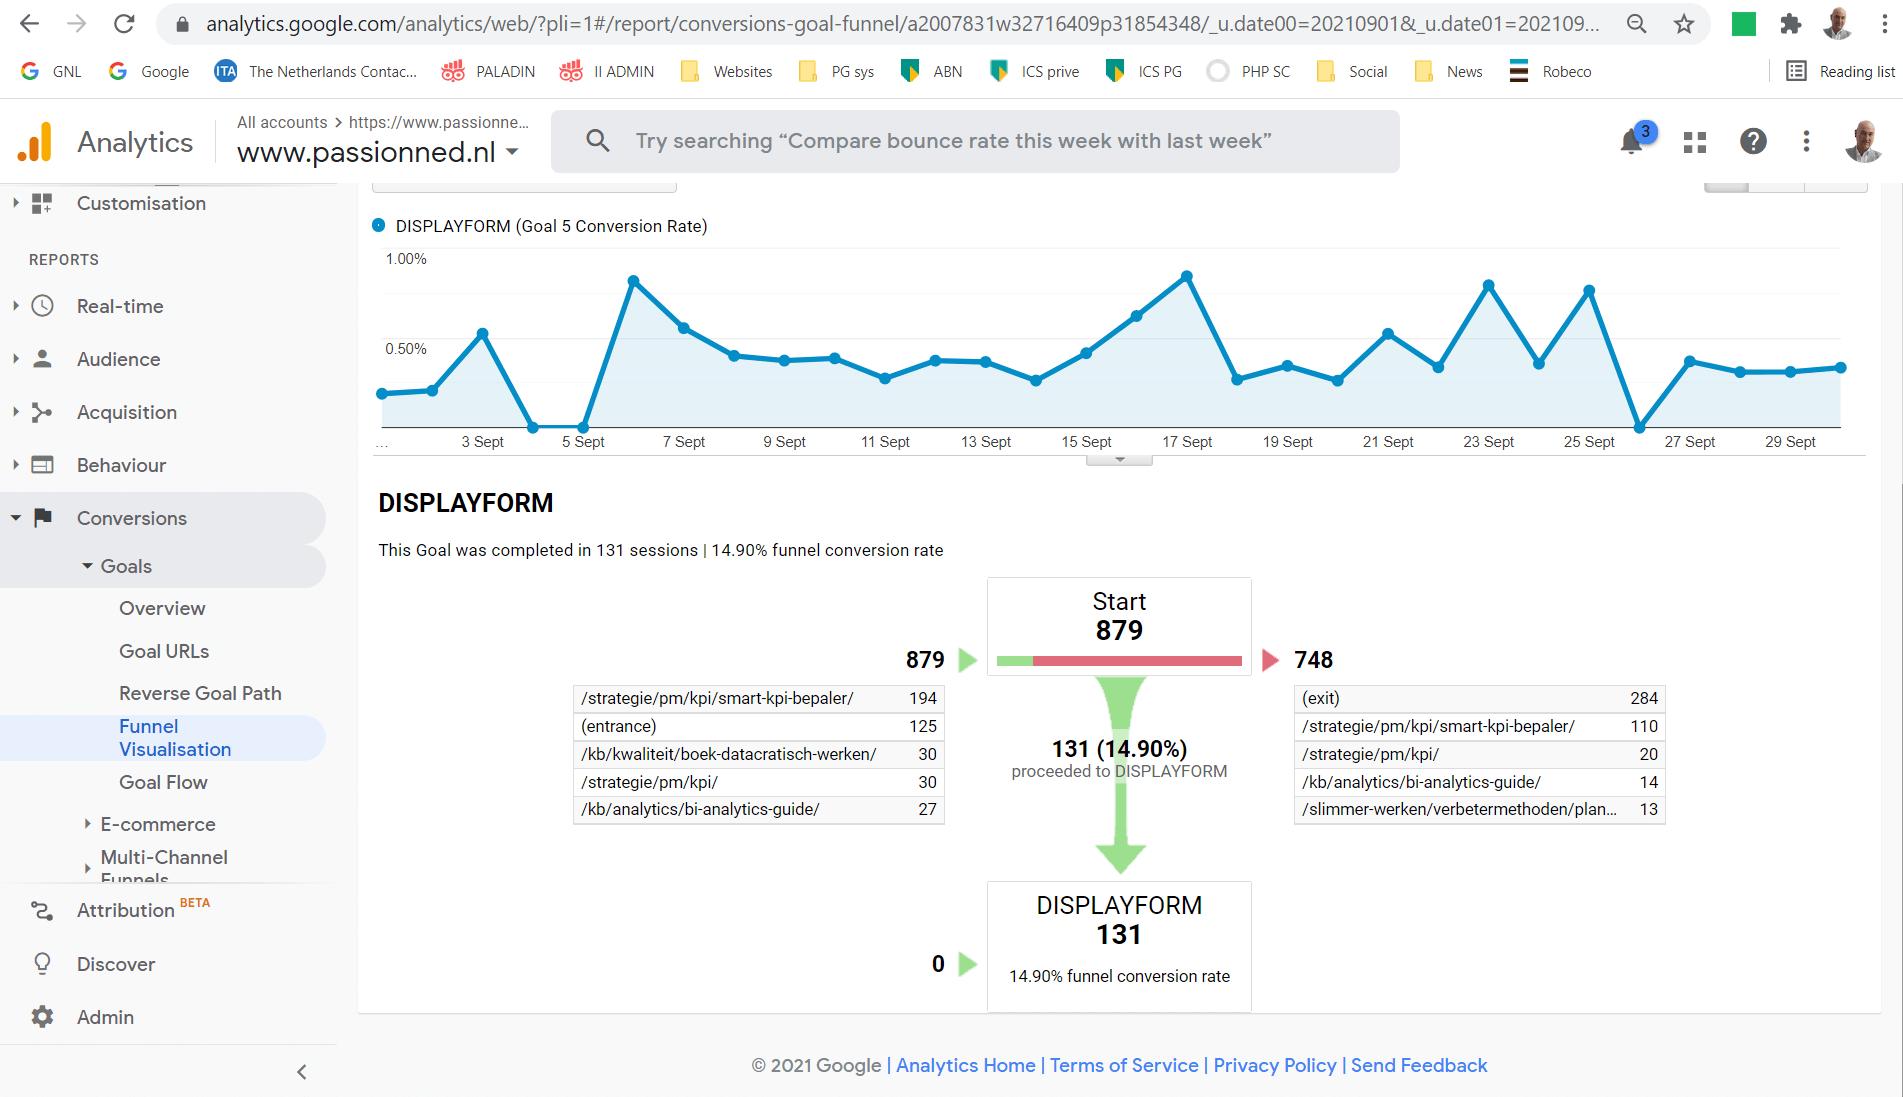 Naast het gebruiksgemak is een ander groot voordeel van Google Analytics dat het gratis is